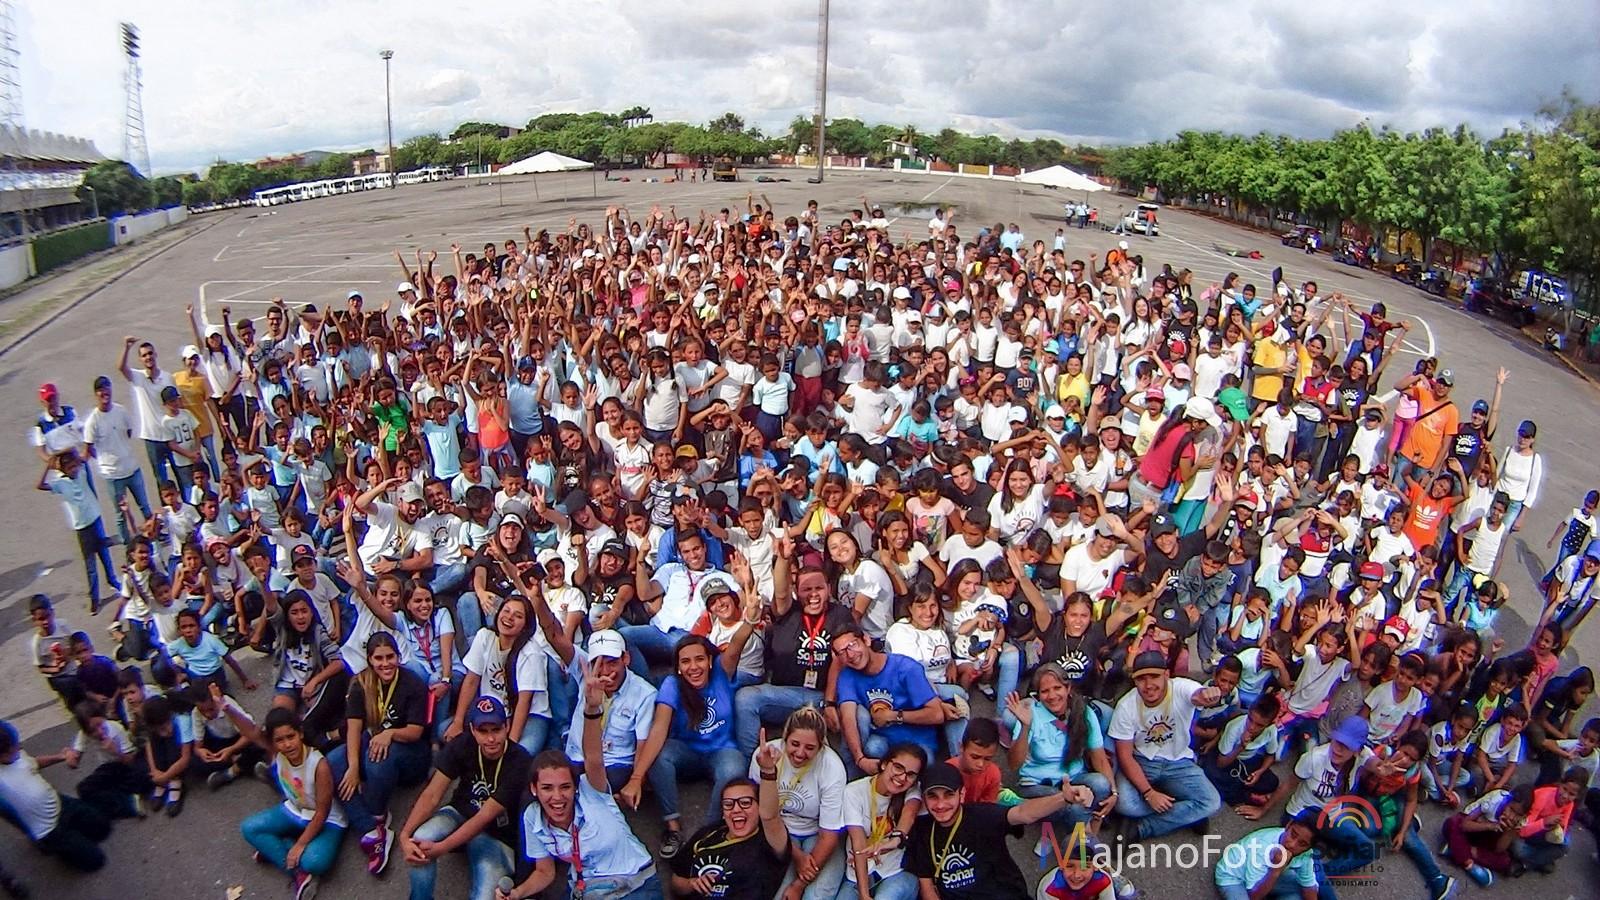 Majano's Caritativos (10)